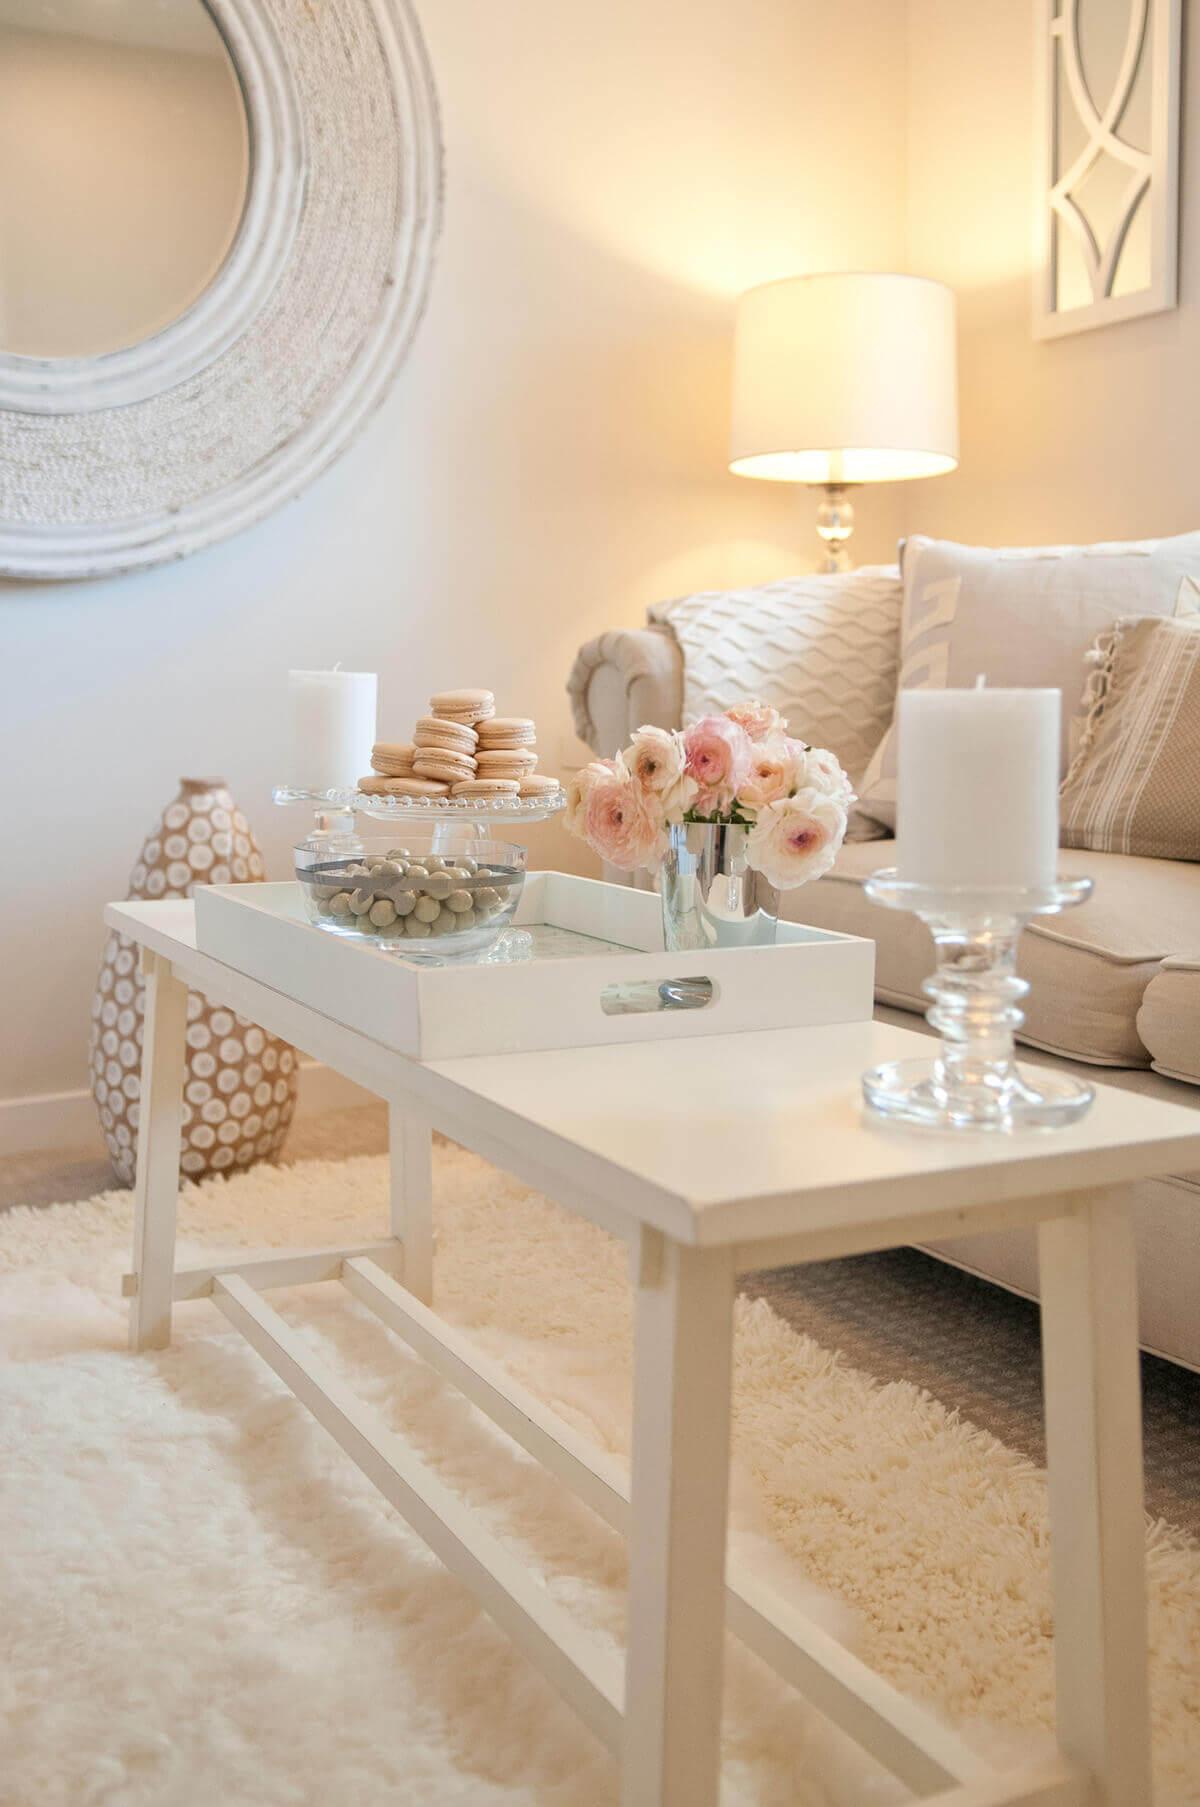 Soft and Pretty Beige Interior